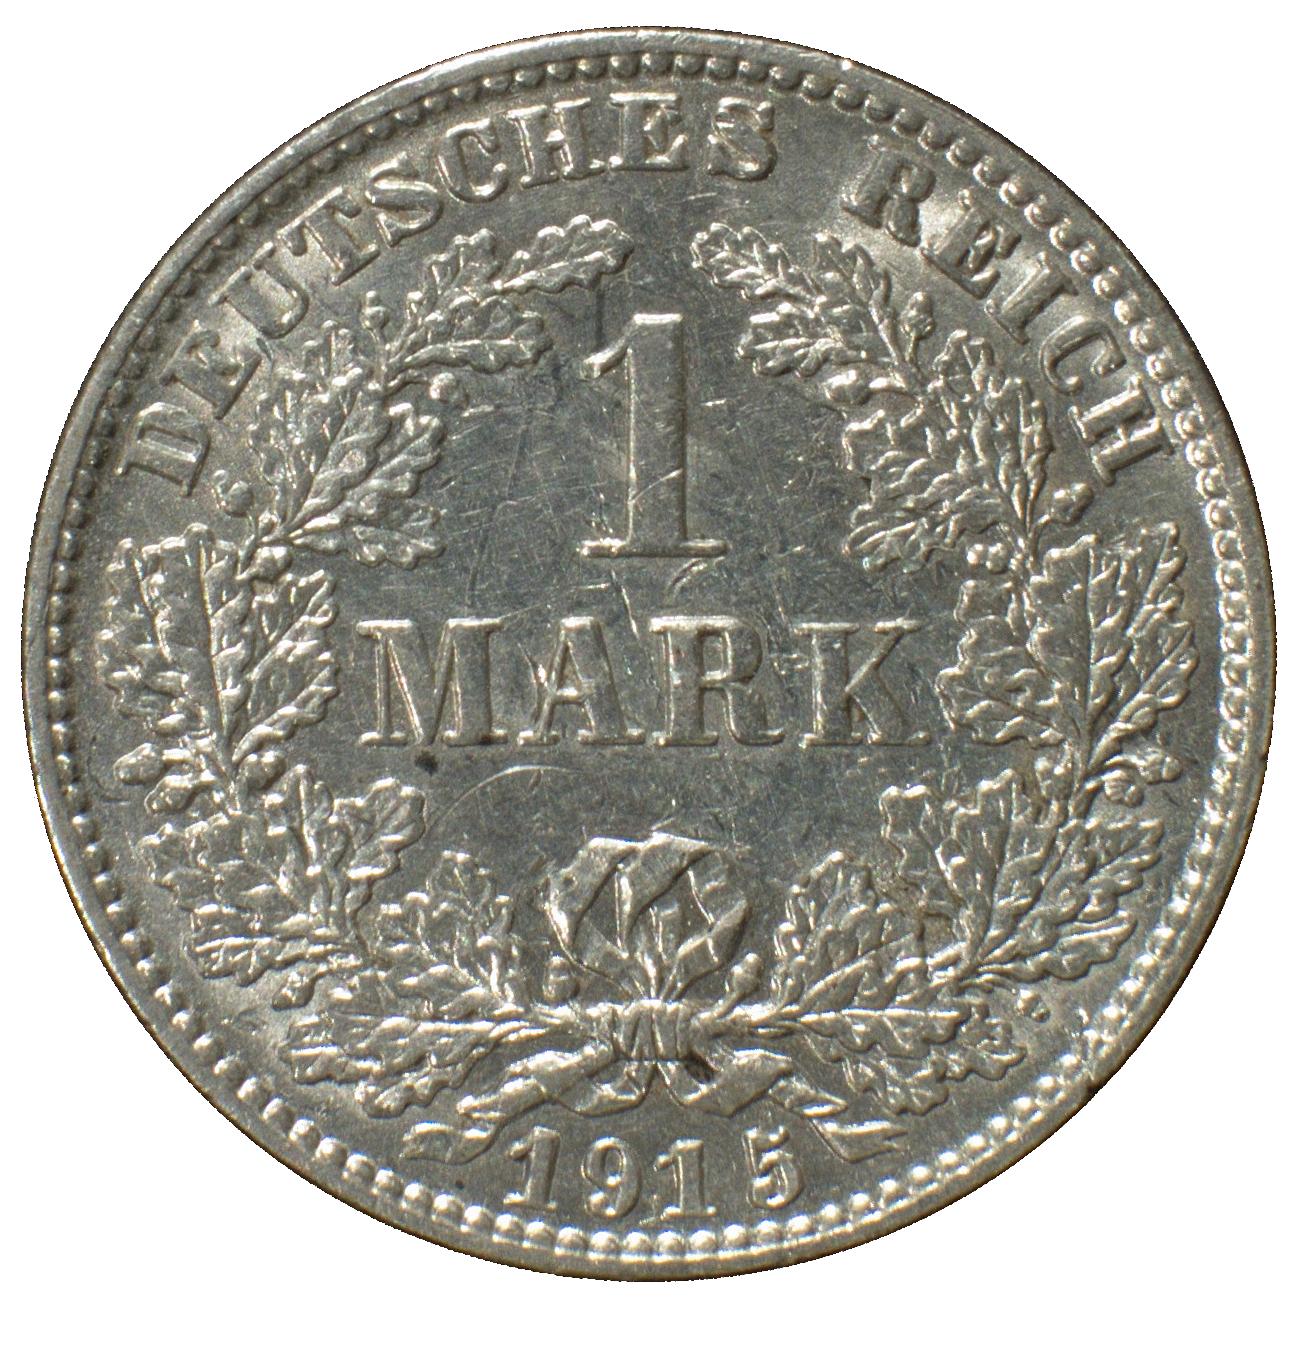 1 mark deutsches reich